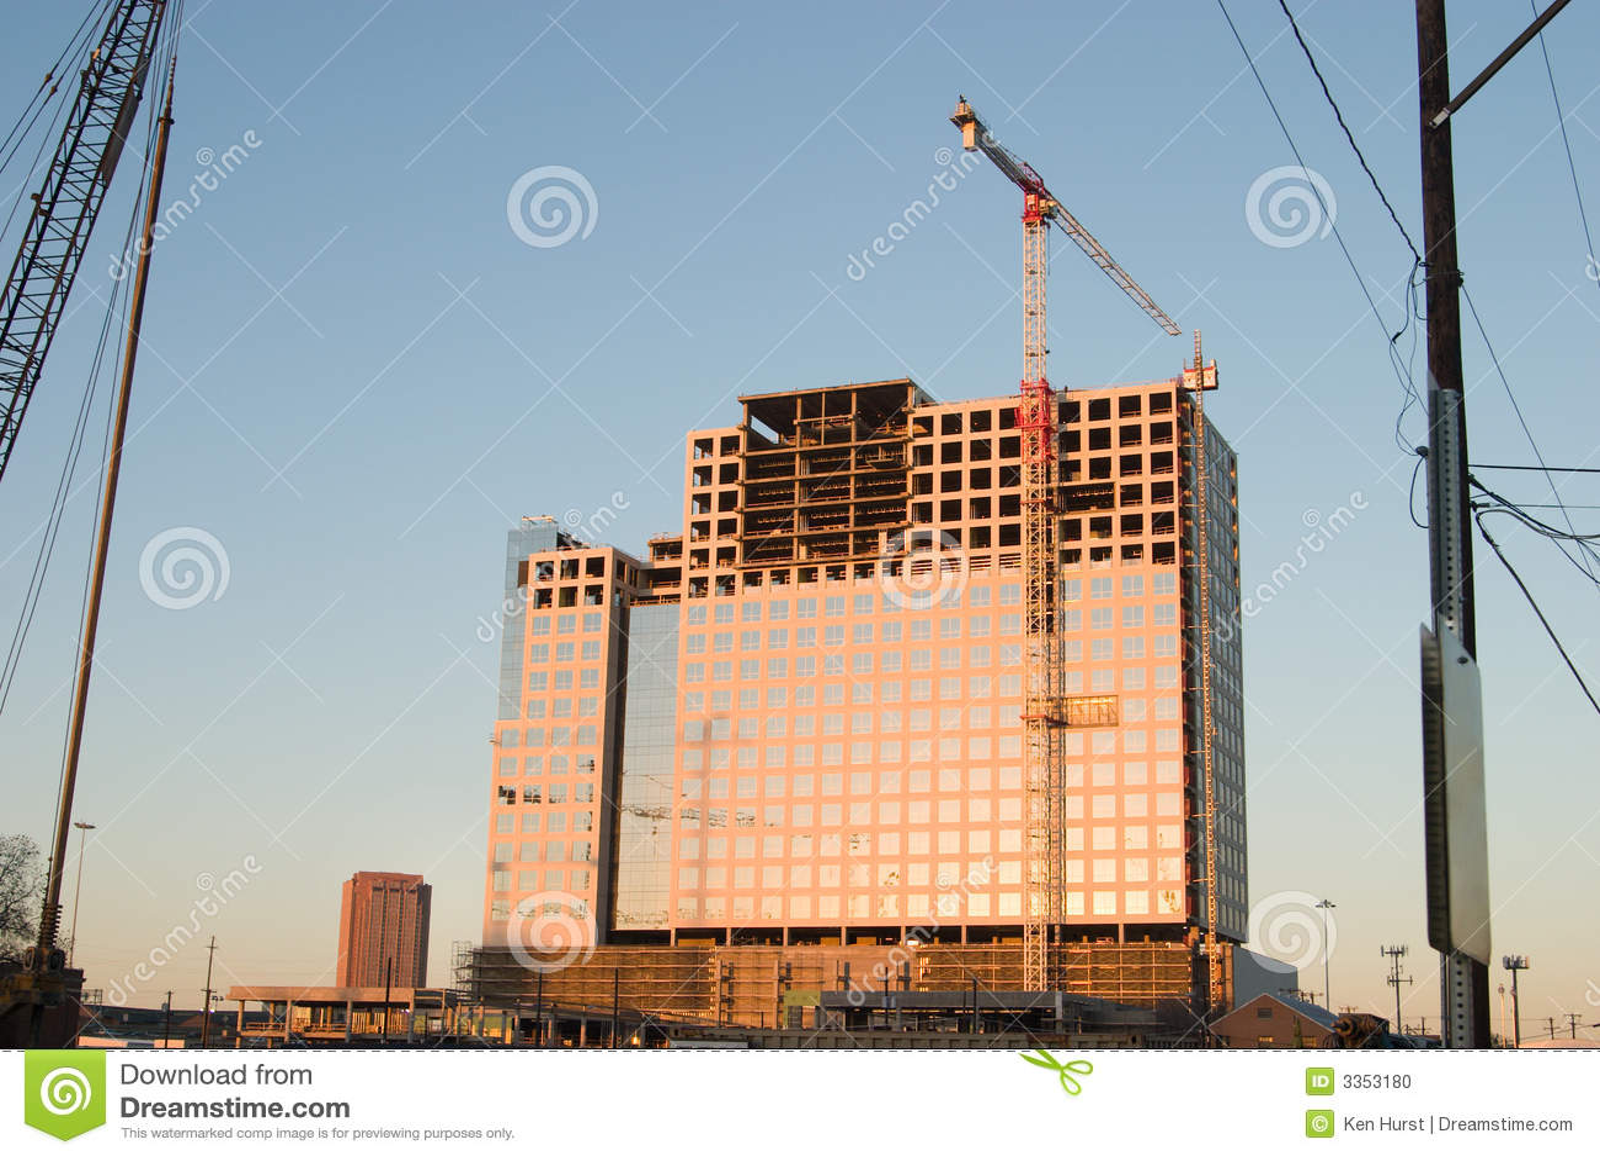 Construção de edifício + Crane2